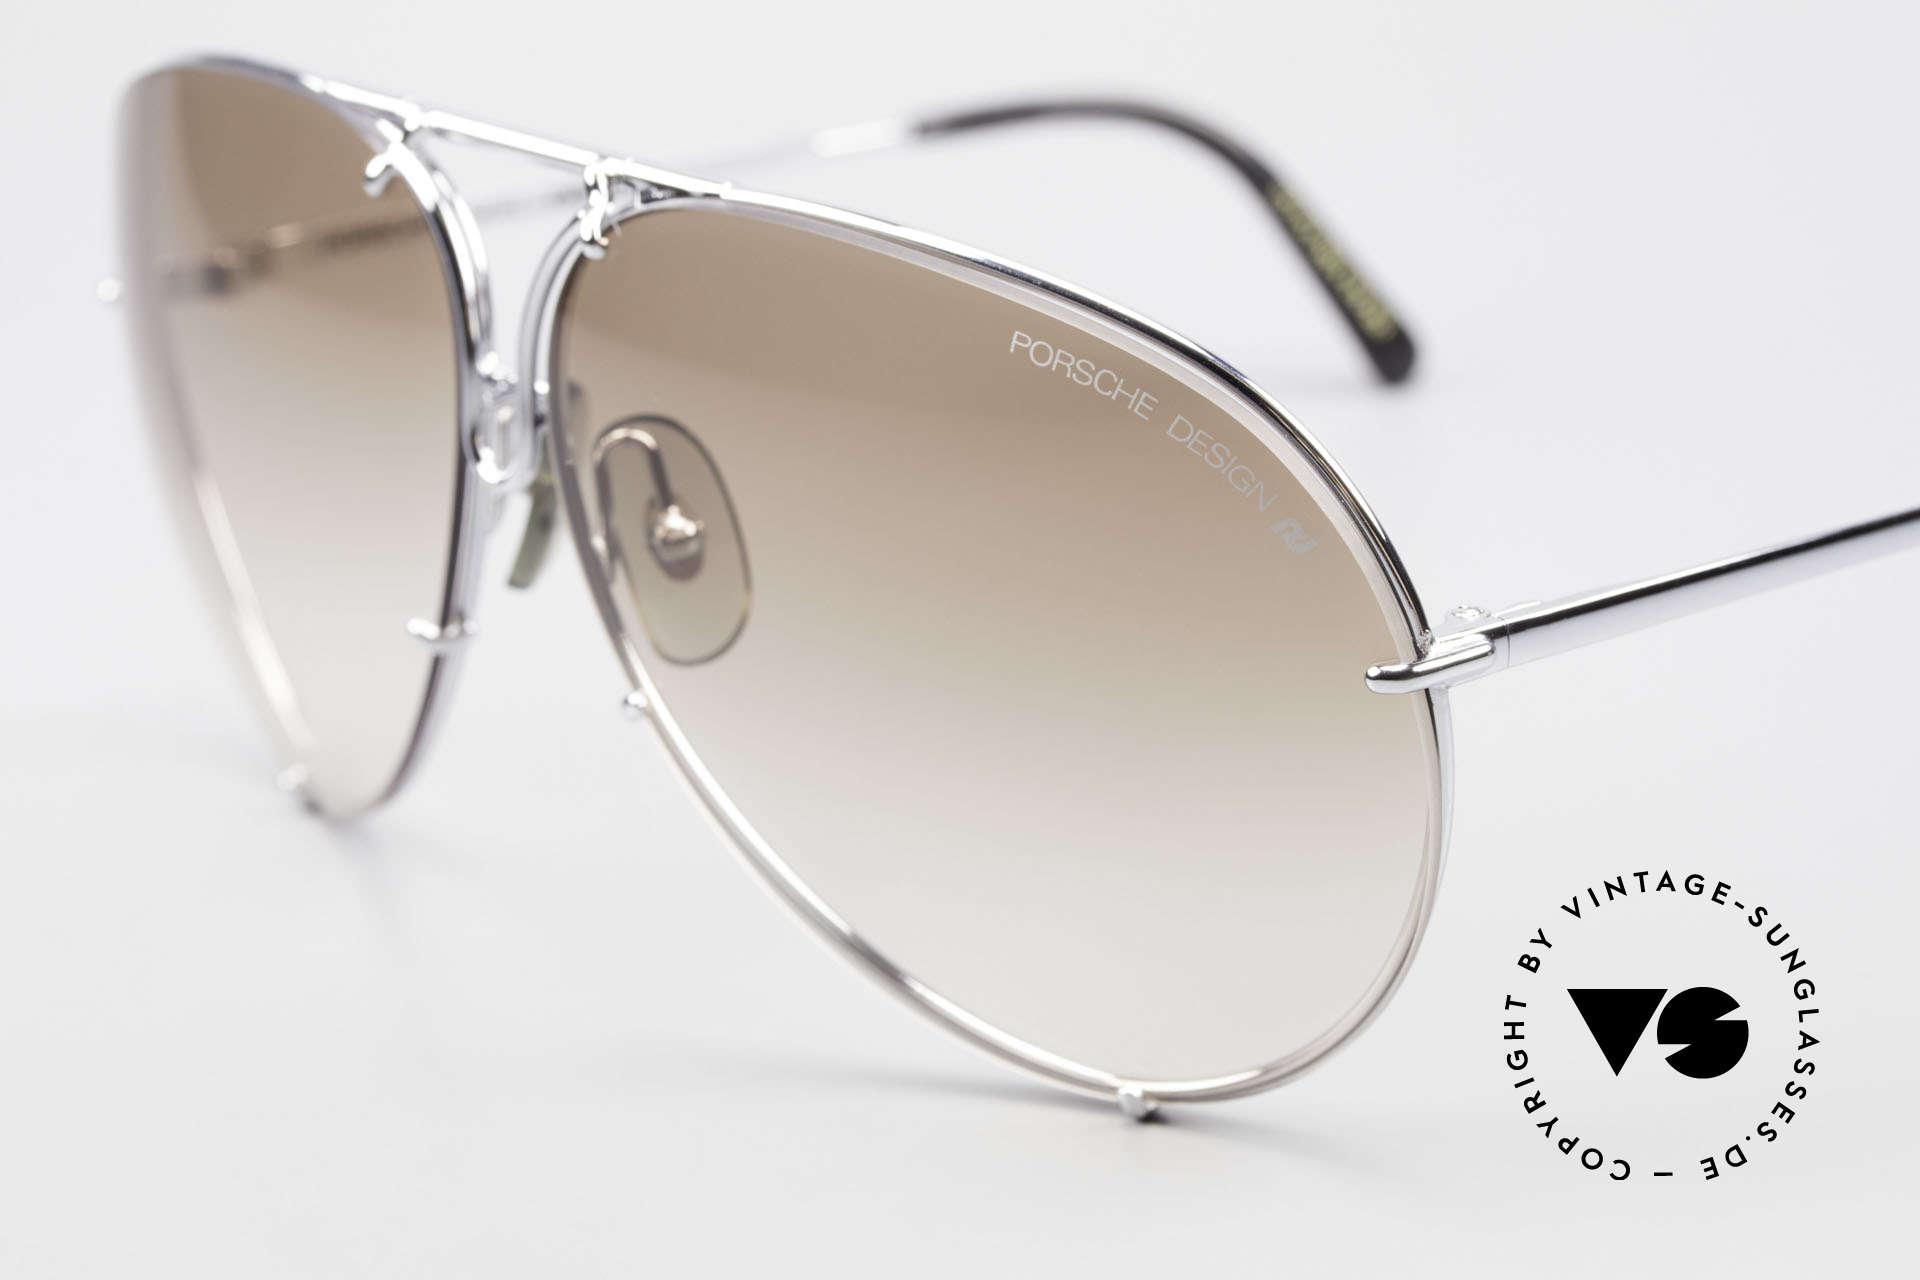 Porsche 5621 80's Sunglass Classic For Men, legendary 80's bestseller sunglasses; vintage rarity!, Made for Men